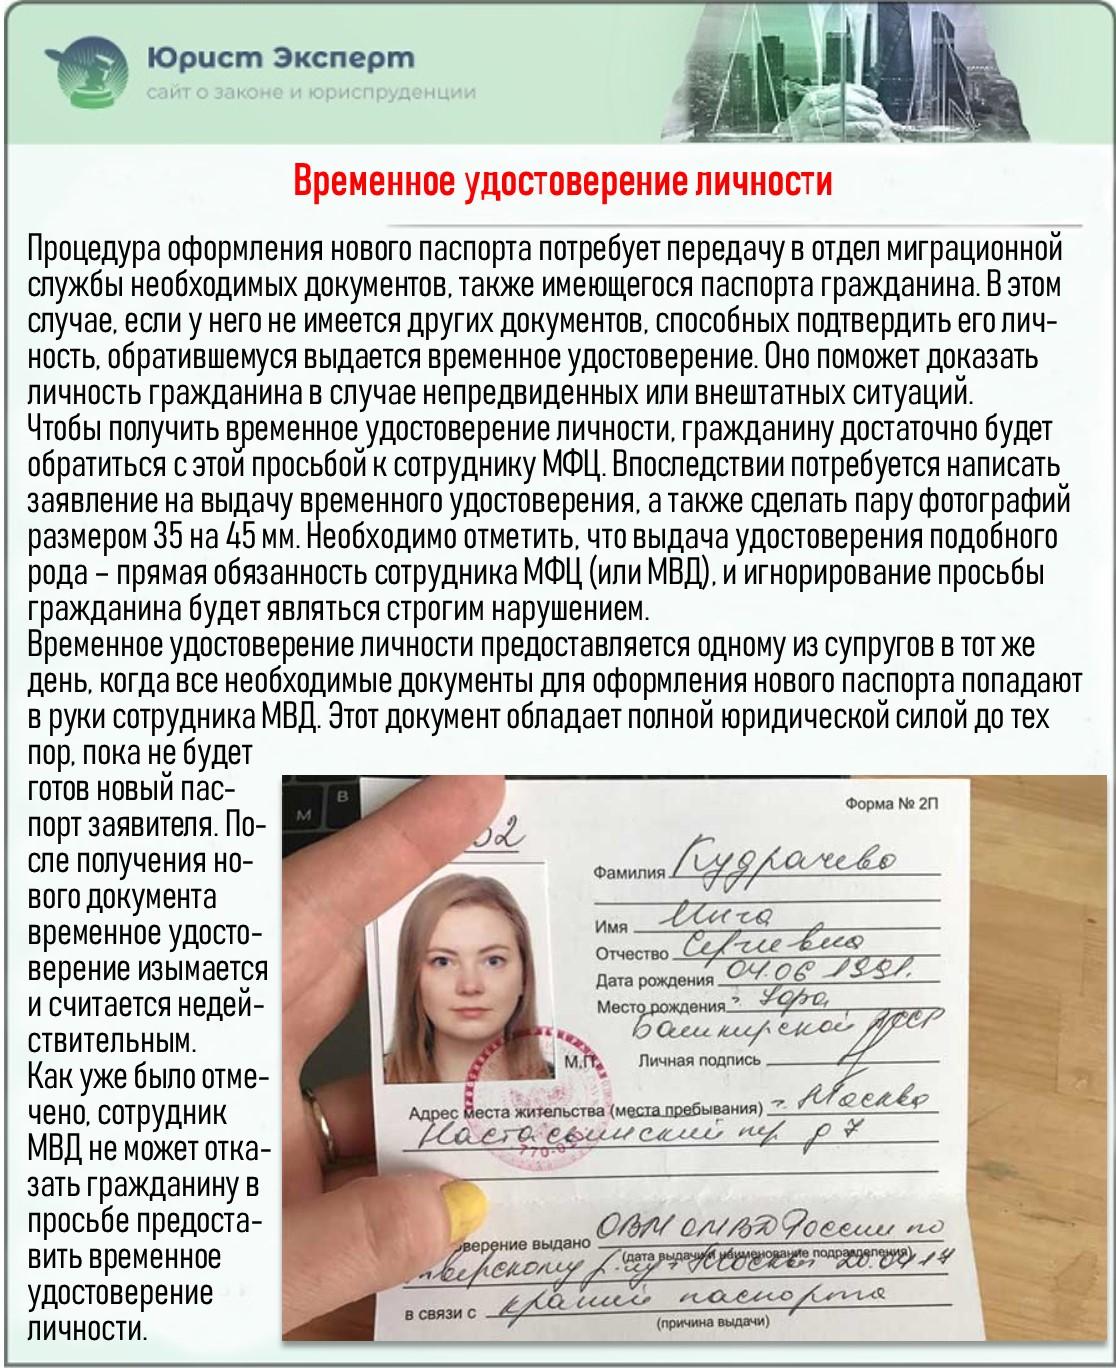 О временном удостоверении